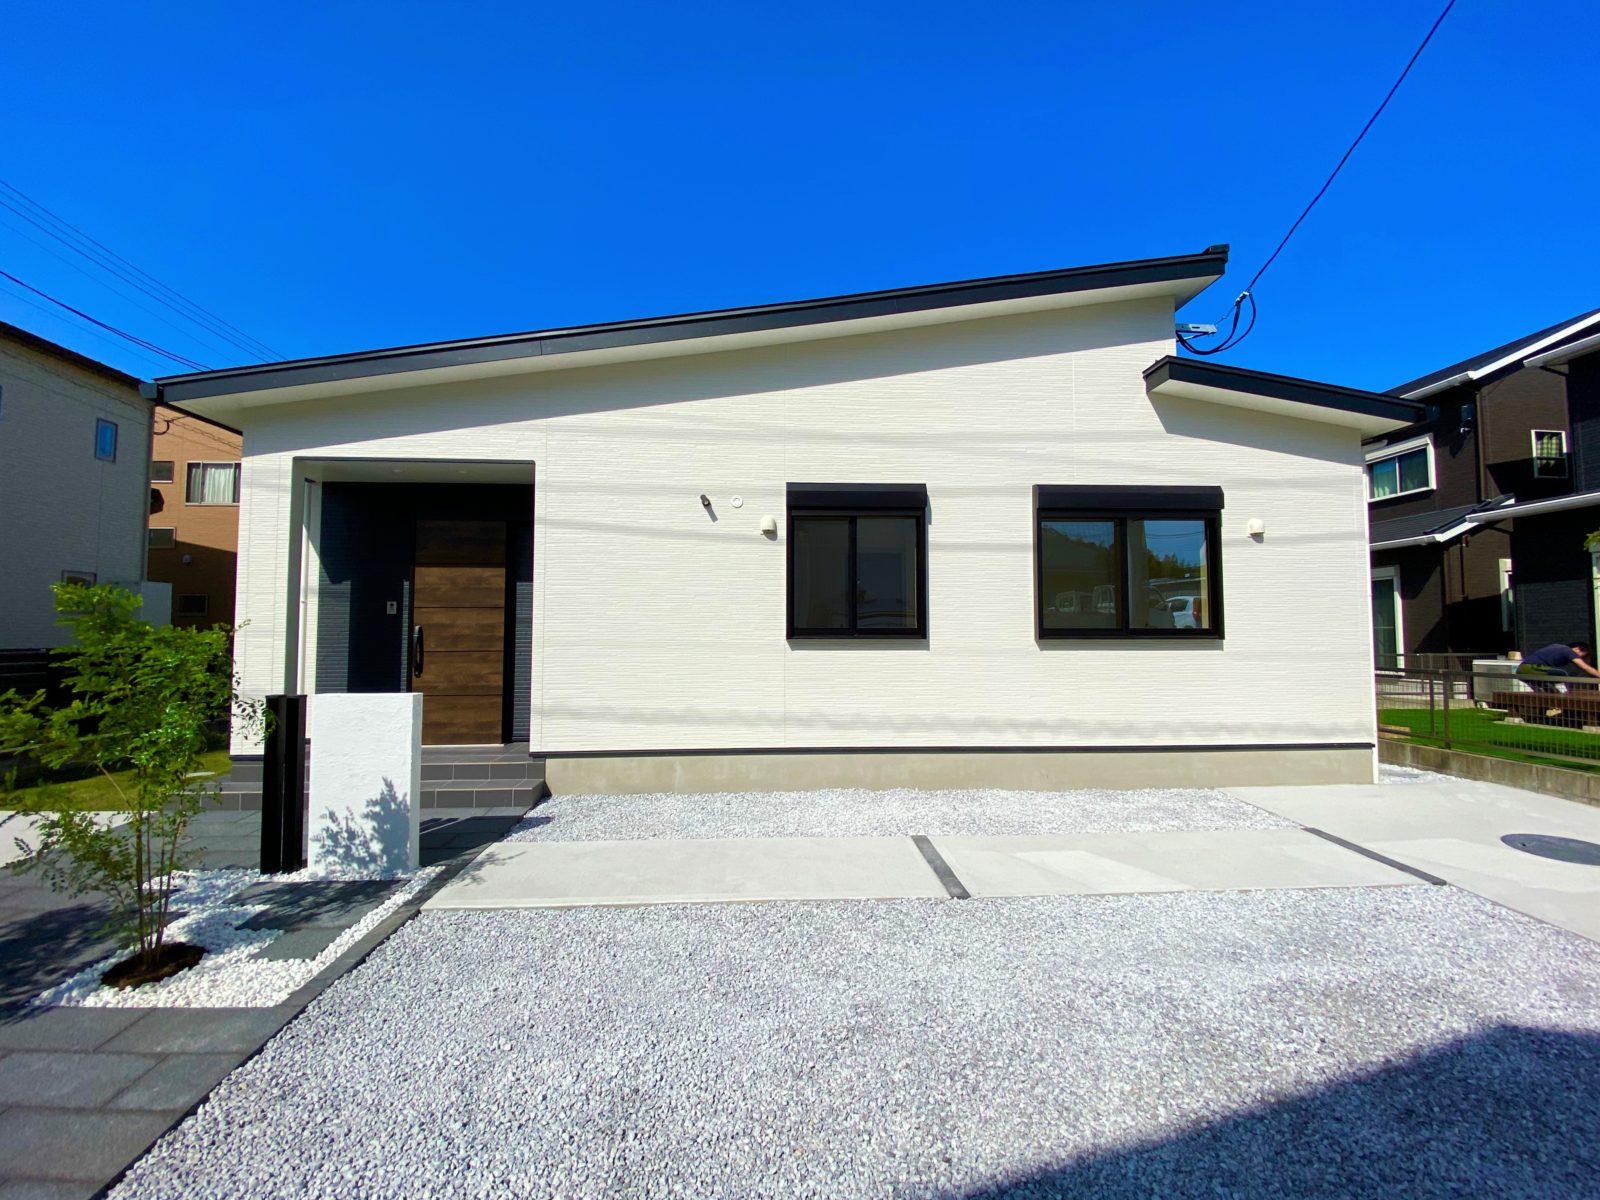 鹿児島市中山町にてオープンハウス 使い勝手の良い回遊動線の平屋建て